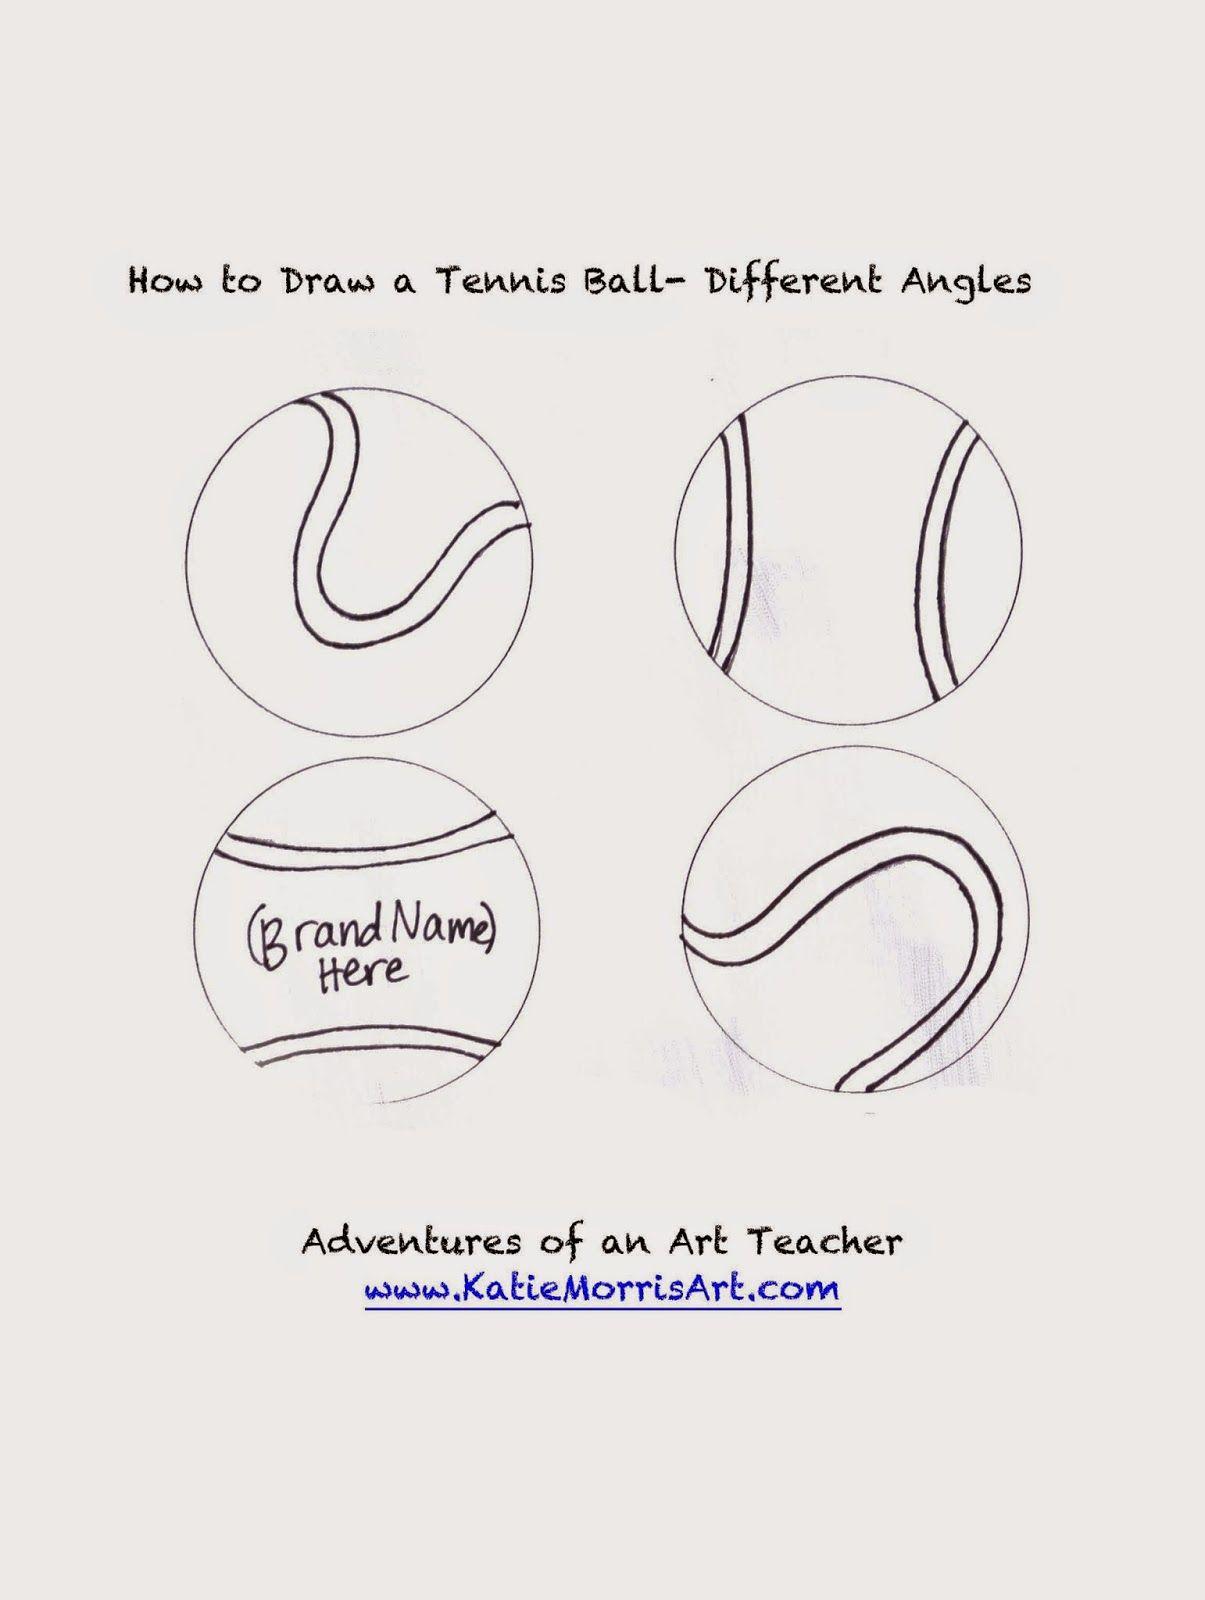 Adventures Of An Art Teacher Tennis Ball